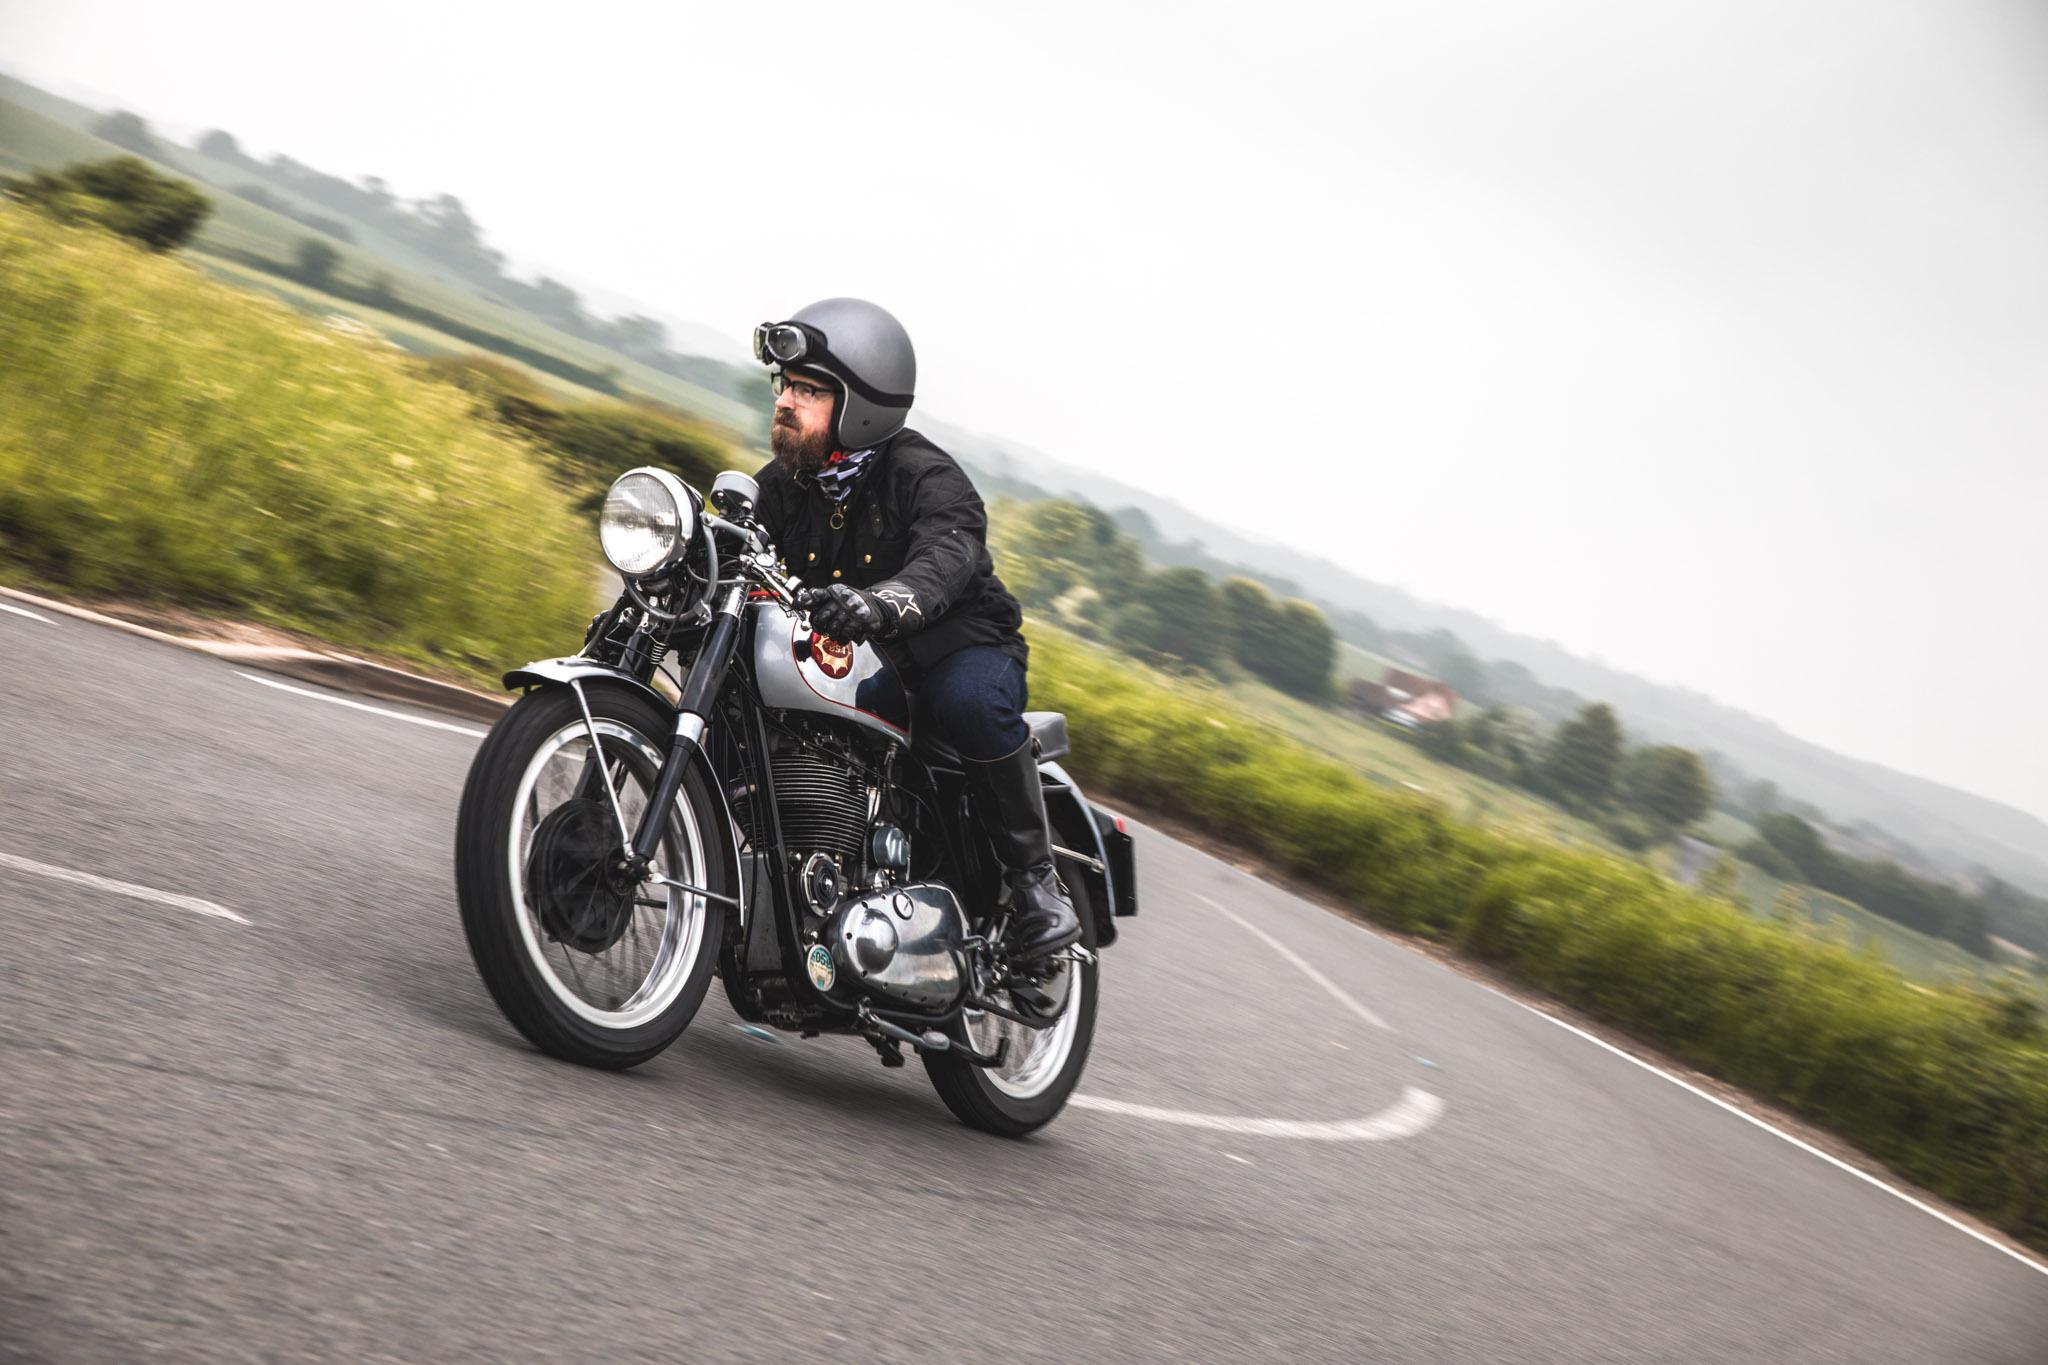 Phil Turner motorcycle journalist